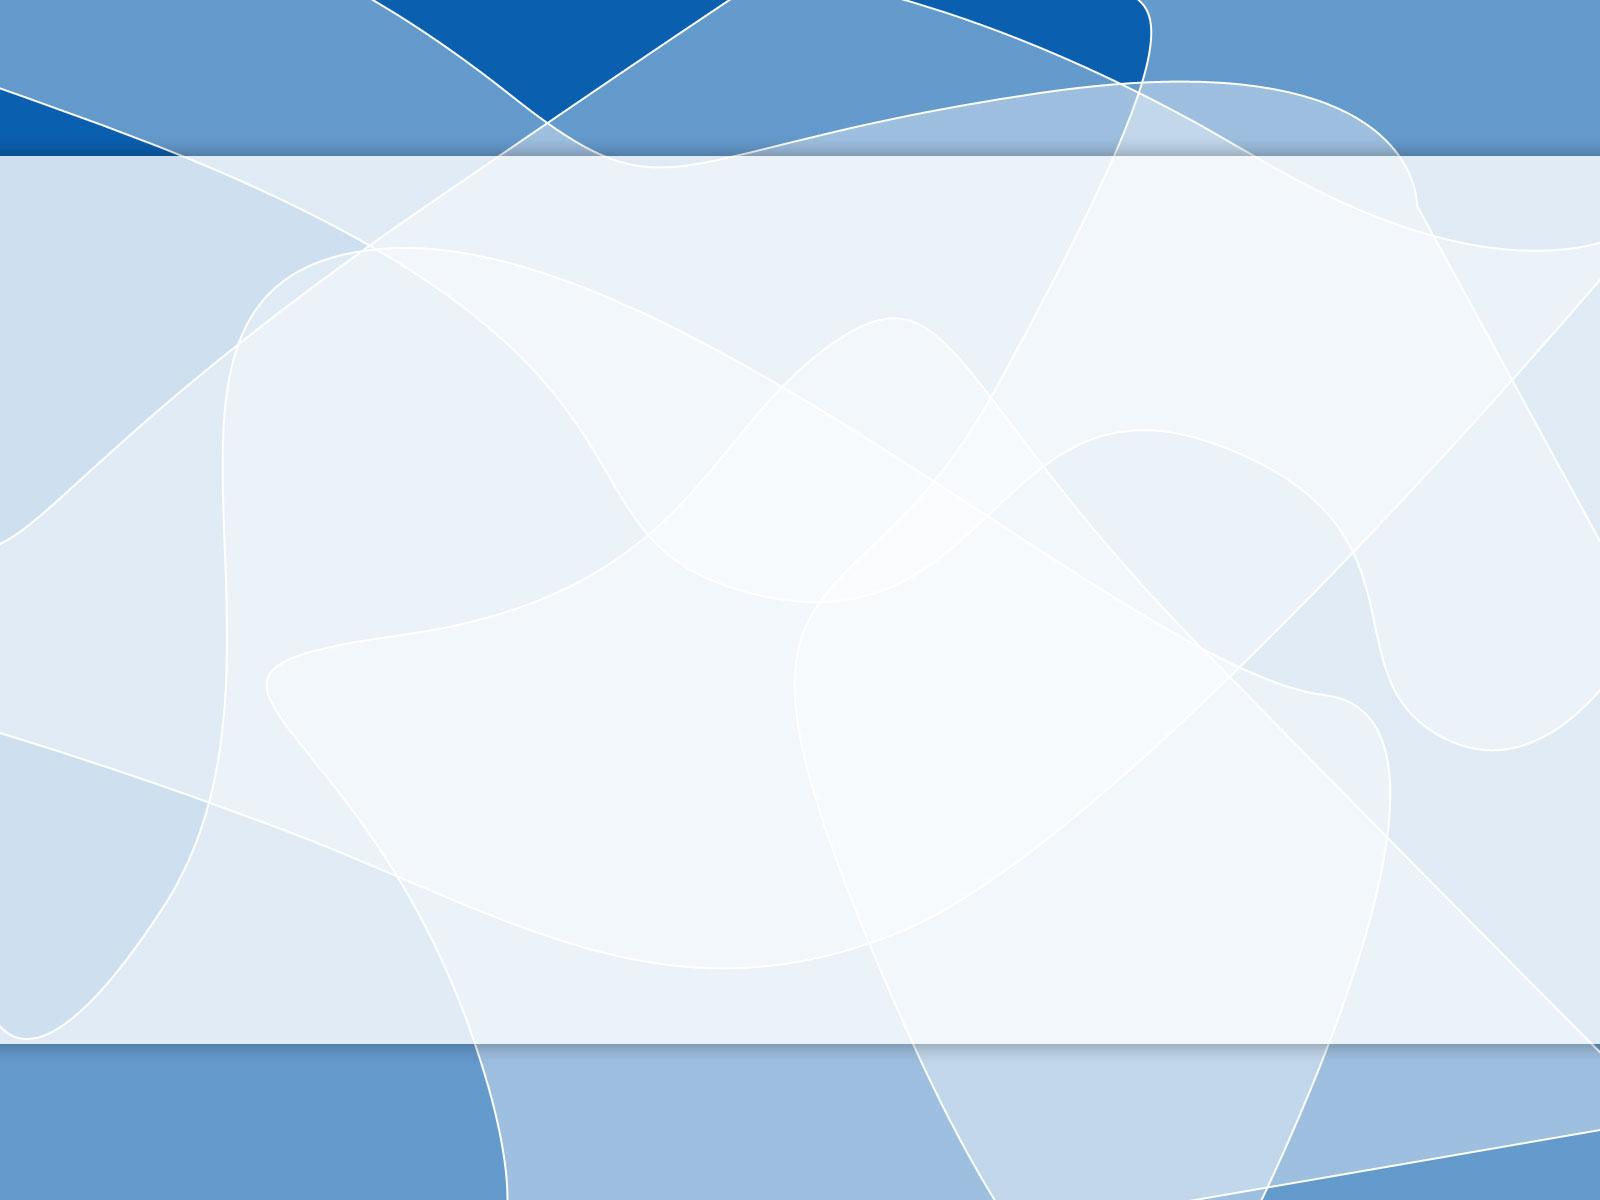 Hình nền cho PowerPoint đơn giản với tông màu xanh lam